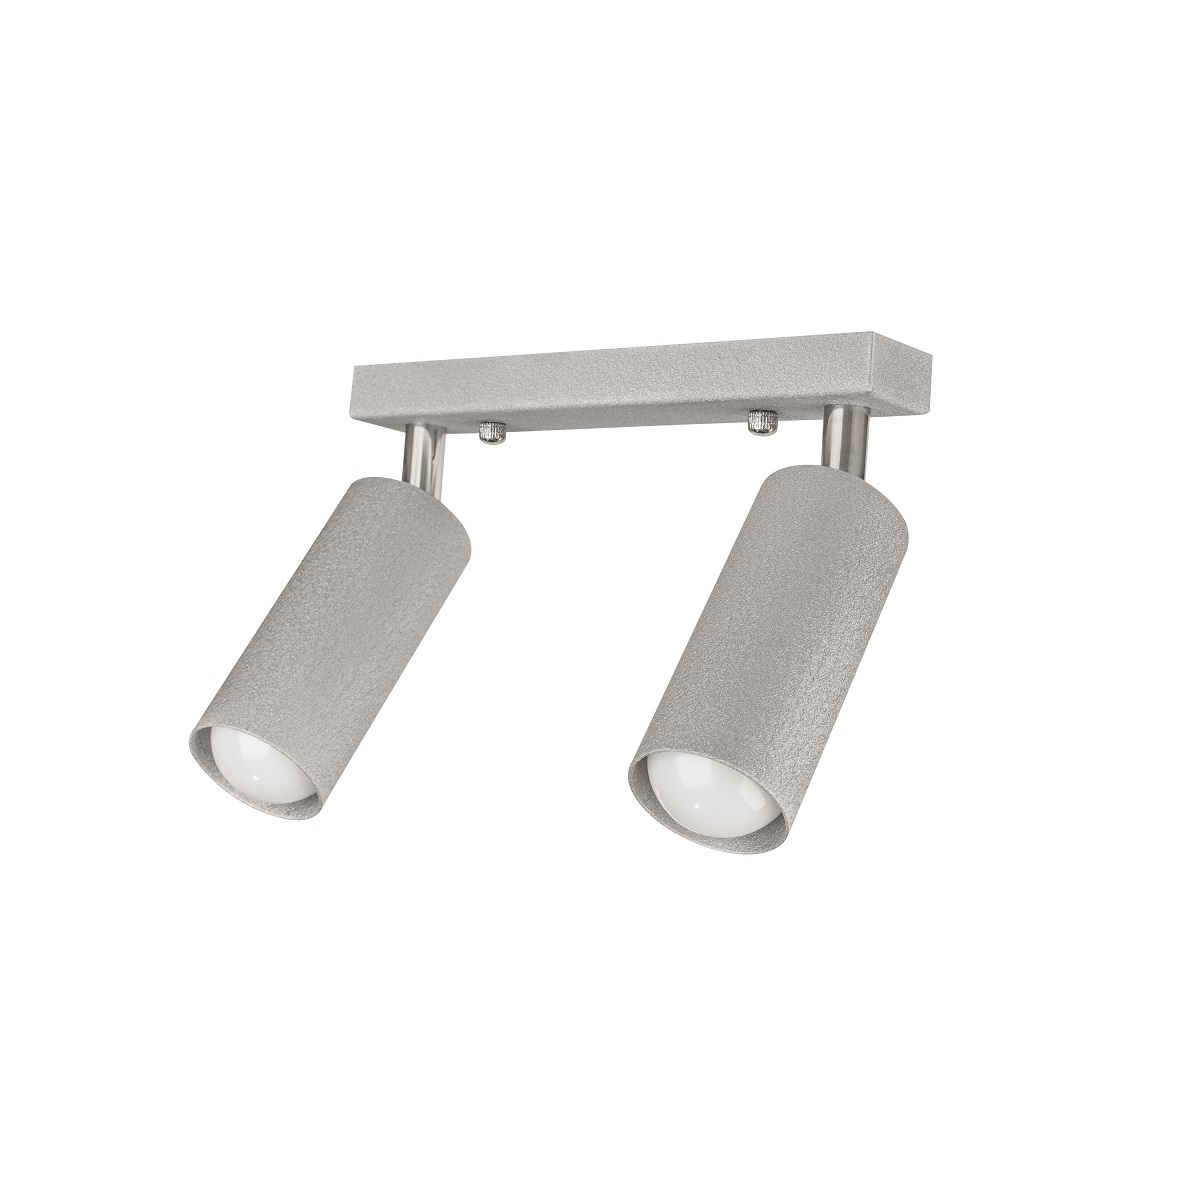 Світильники ЛОФТ - Люстра лофт потолочная с поворотным плафоном 000002755 - Фото 1